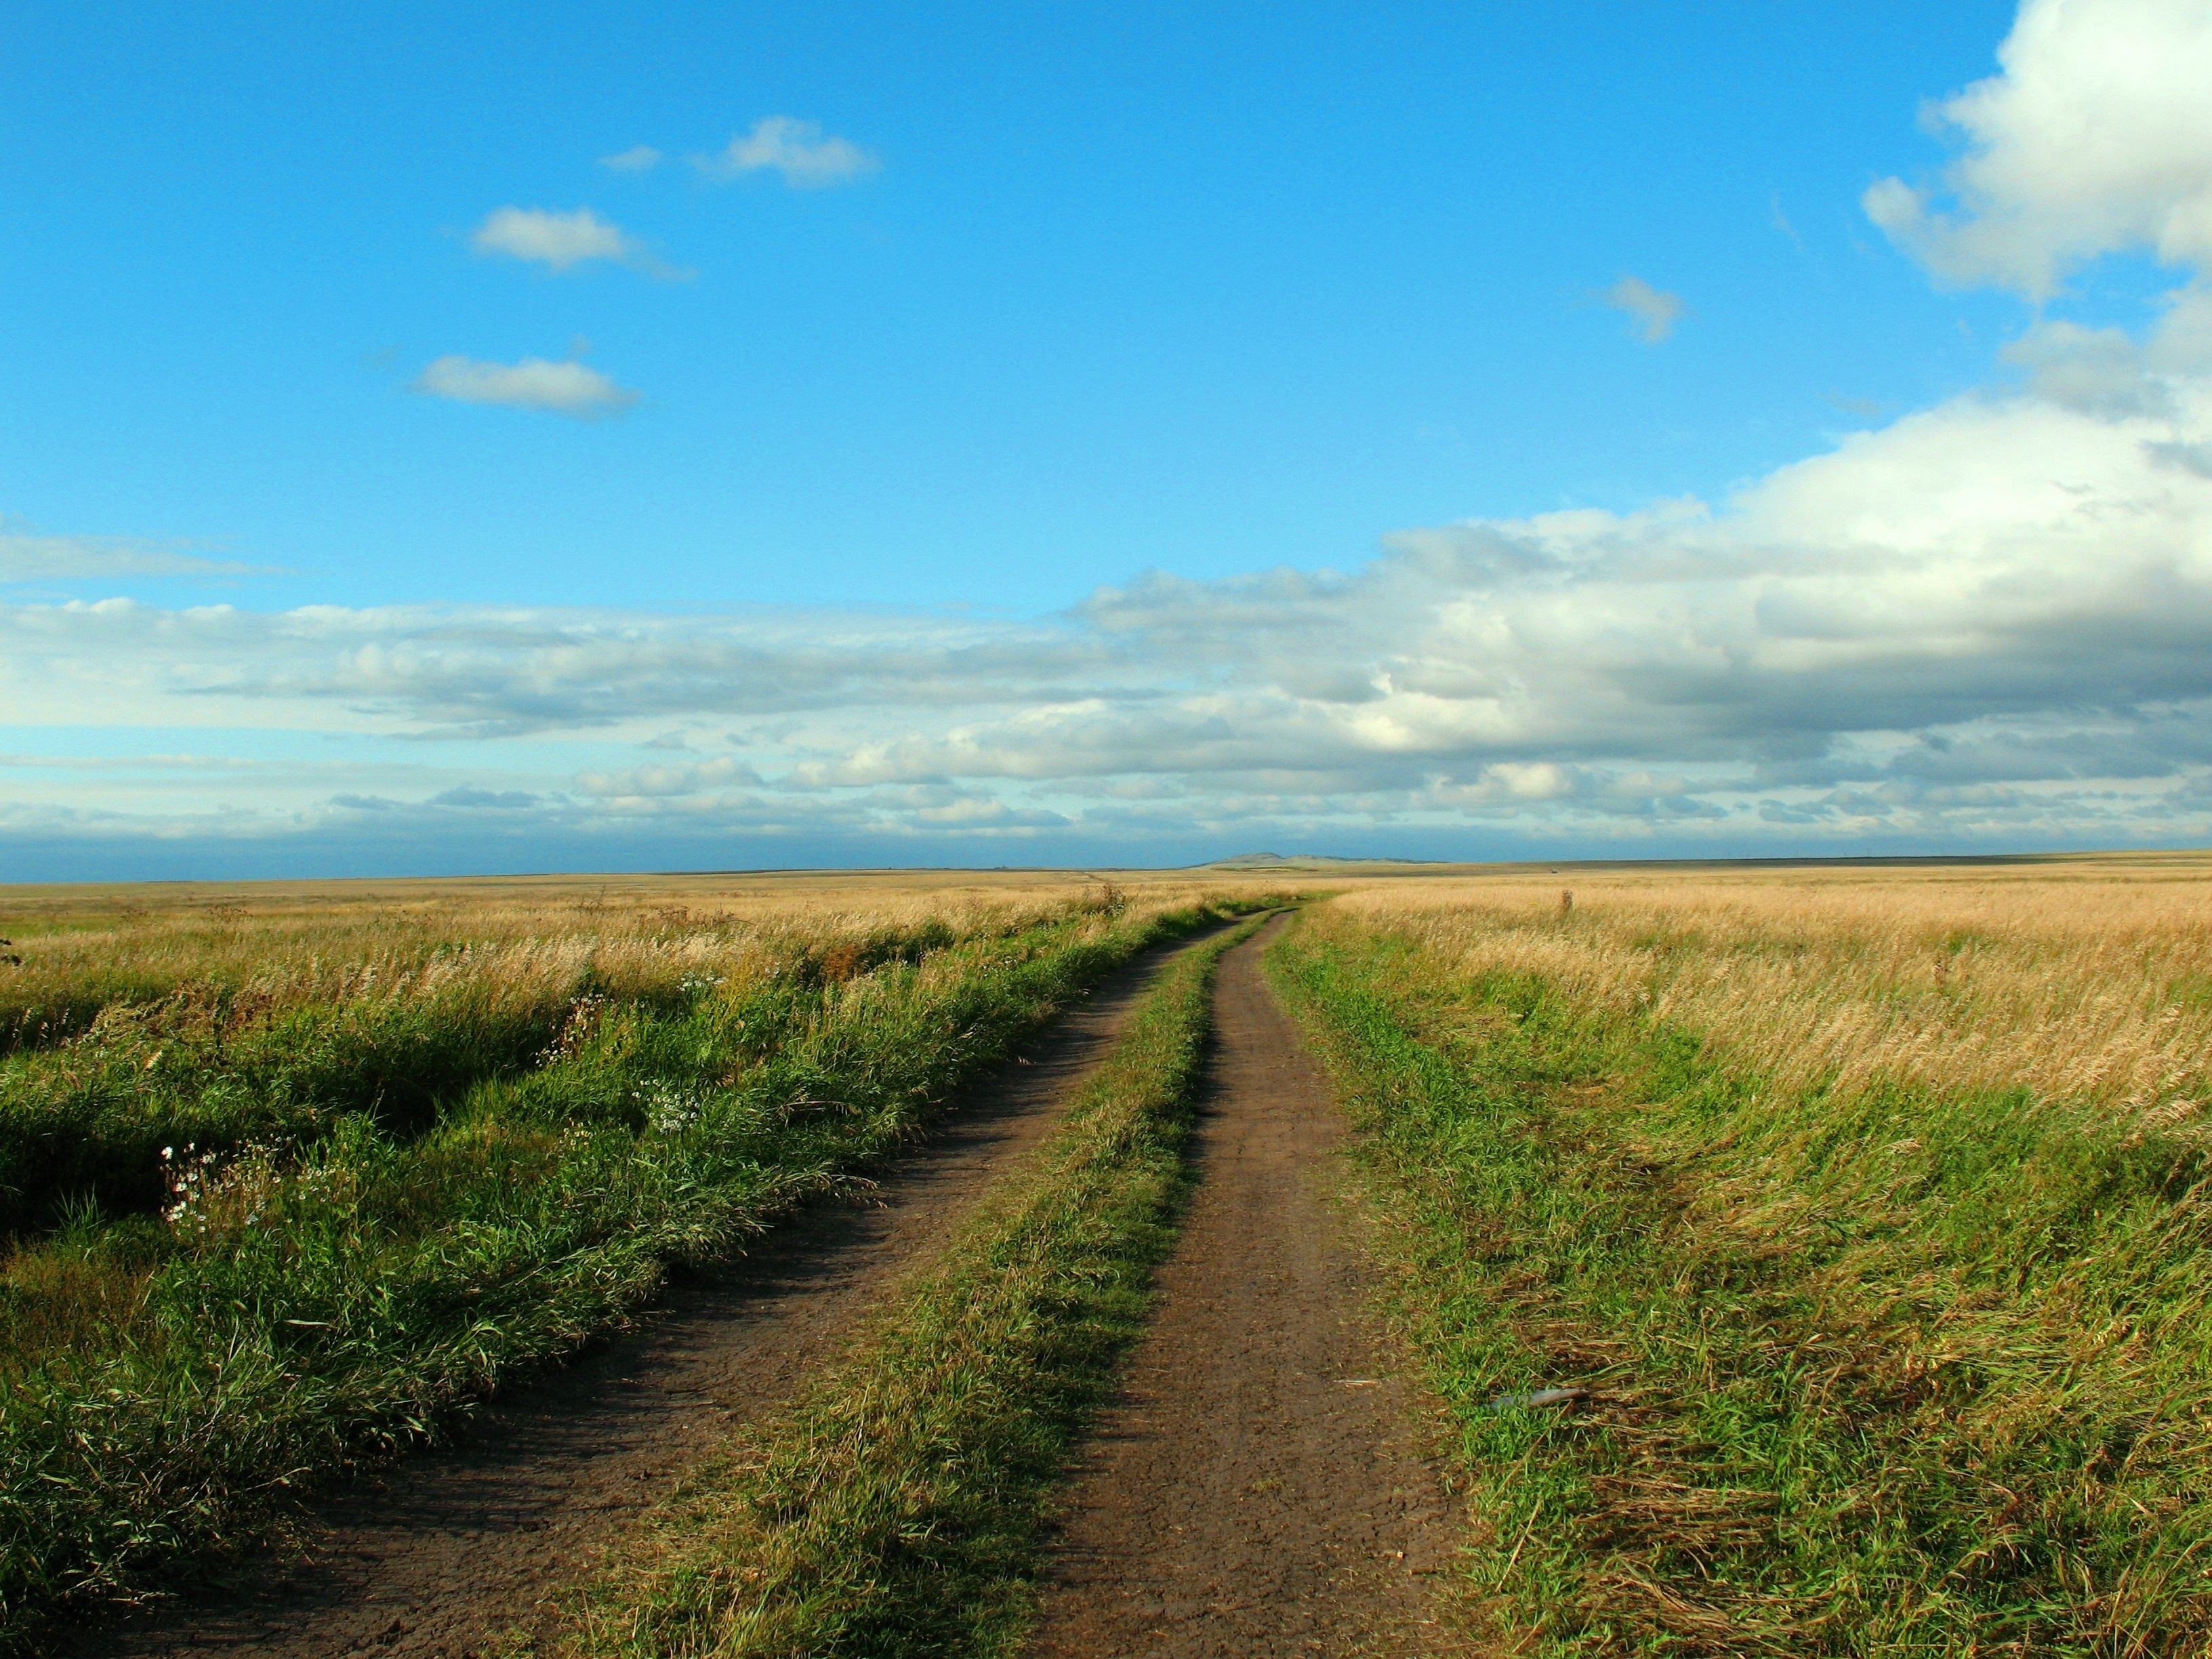 желто-зеленая дорога в степи  № 252749 загрузить